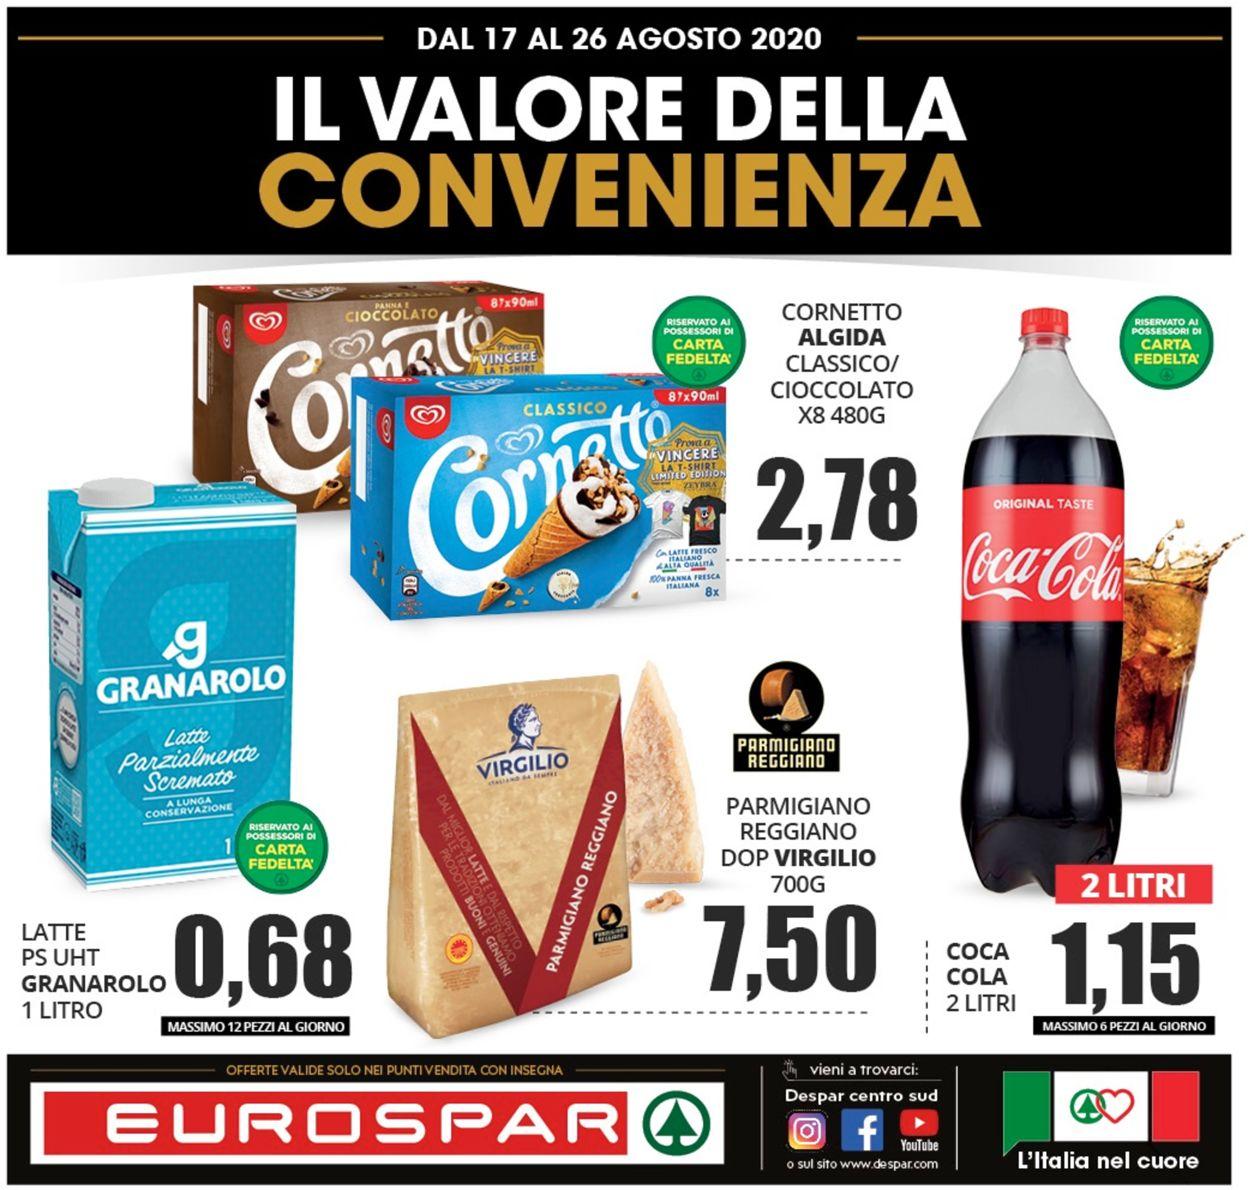 Volantino Eurospar - Offerte 16/08-26/08/2020